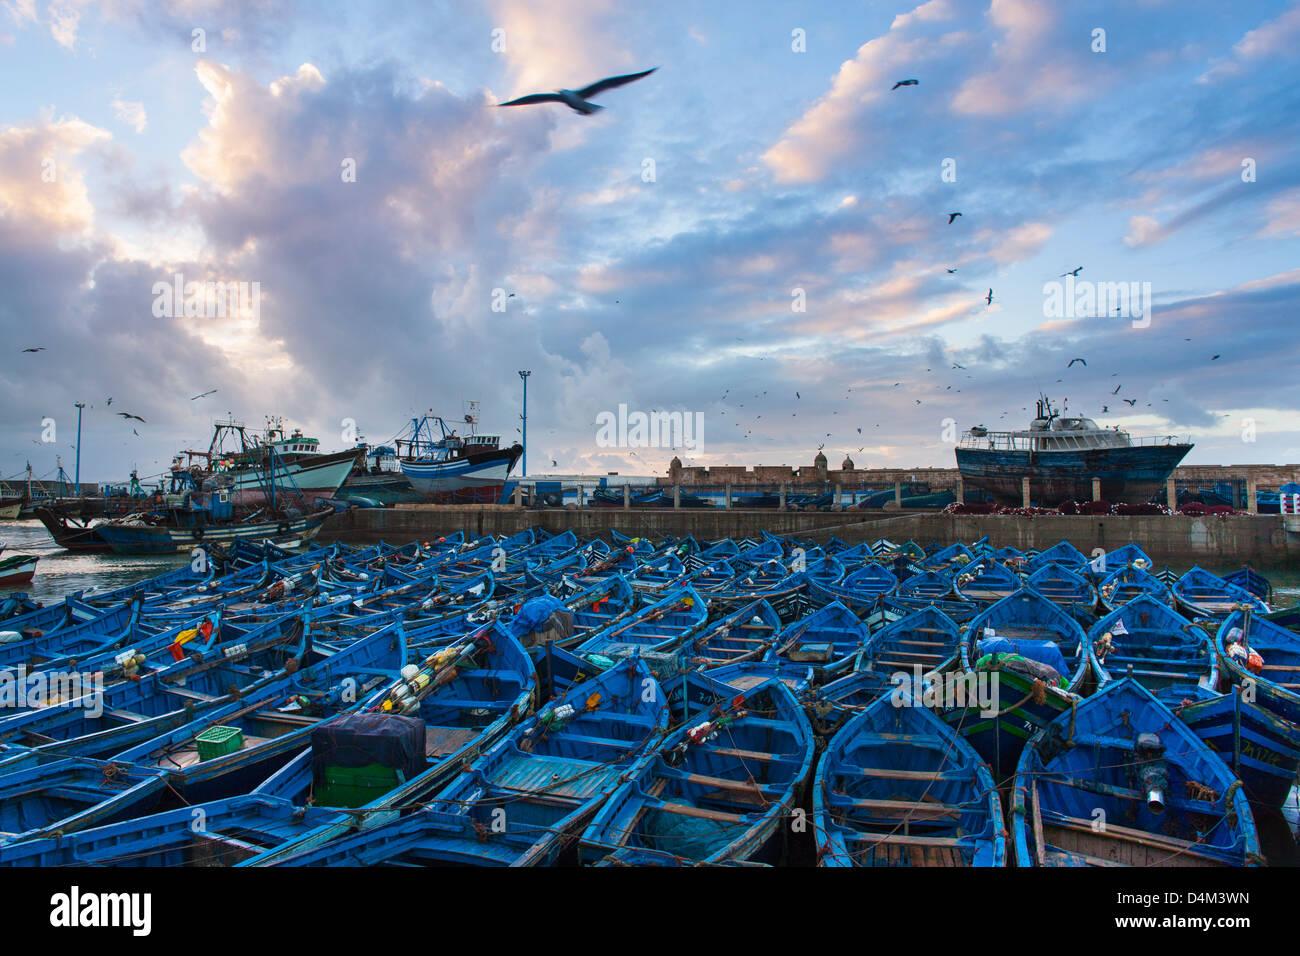 Pájaros volando sobre los barcos en puerto urbano Imagen De Stock